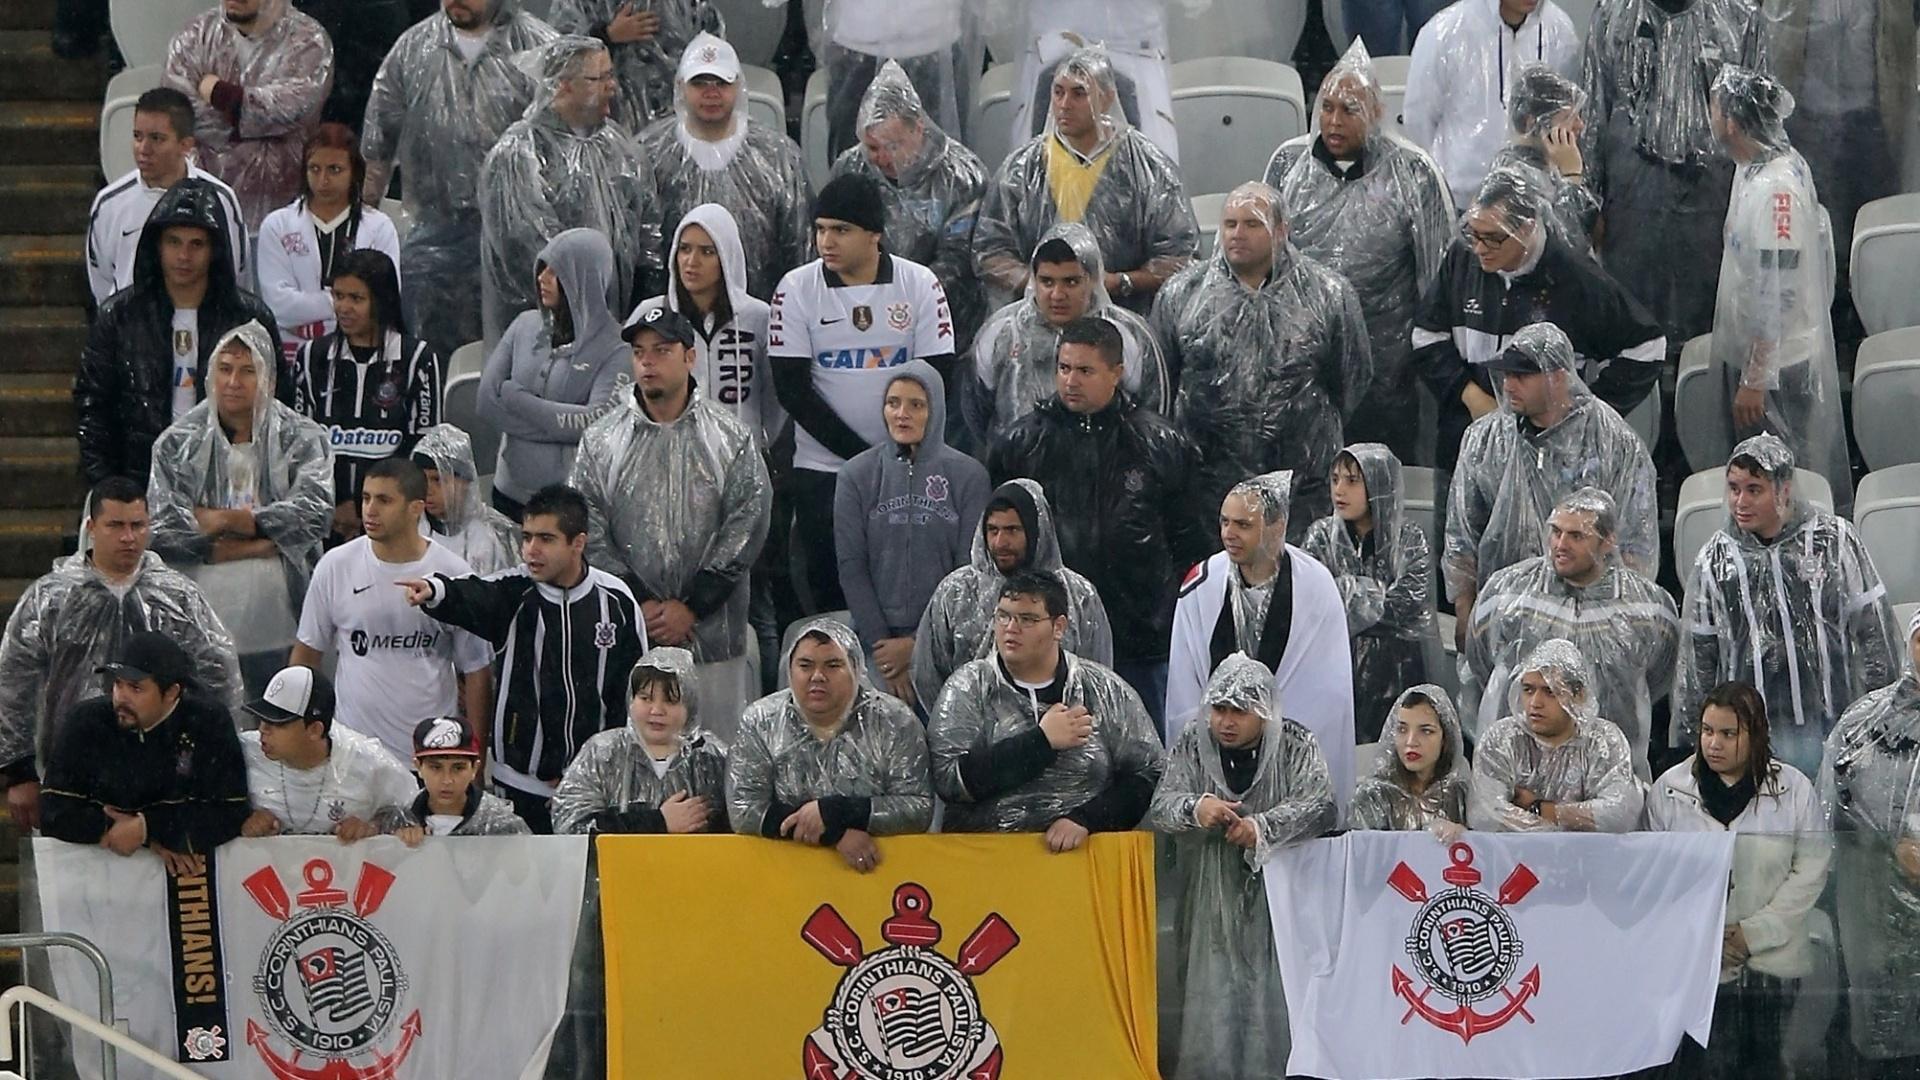 16.ago.2014 - Torcedores usam capas para se proteger da chuva no Itaquerão durante o jogo entre Corinthians e Bahia